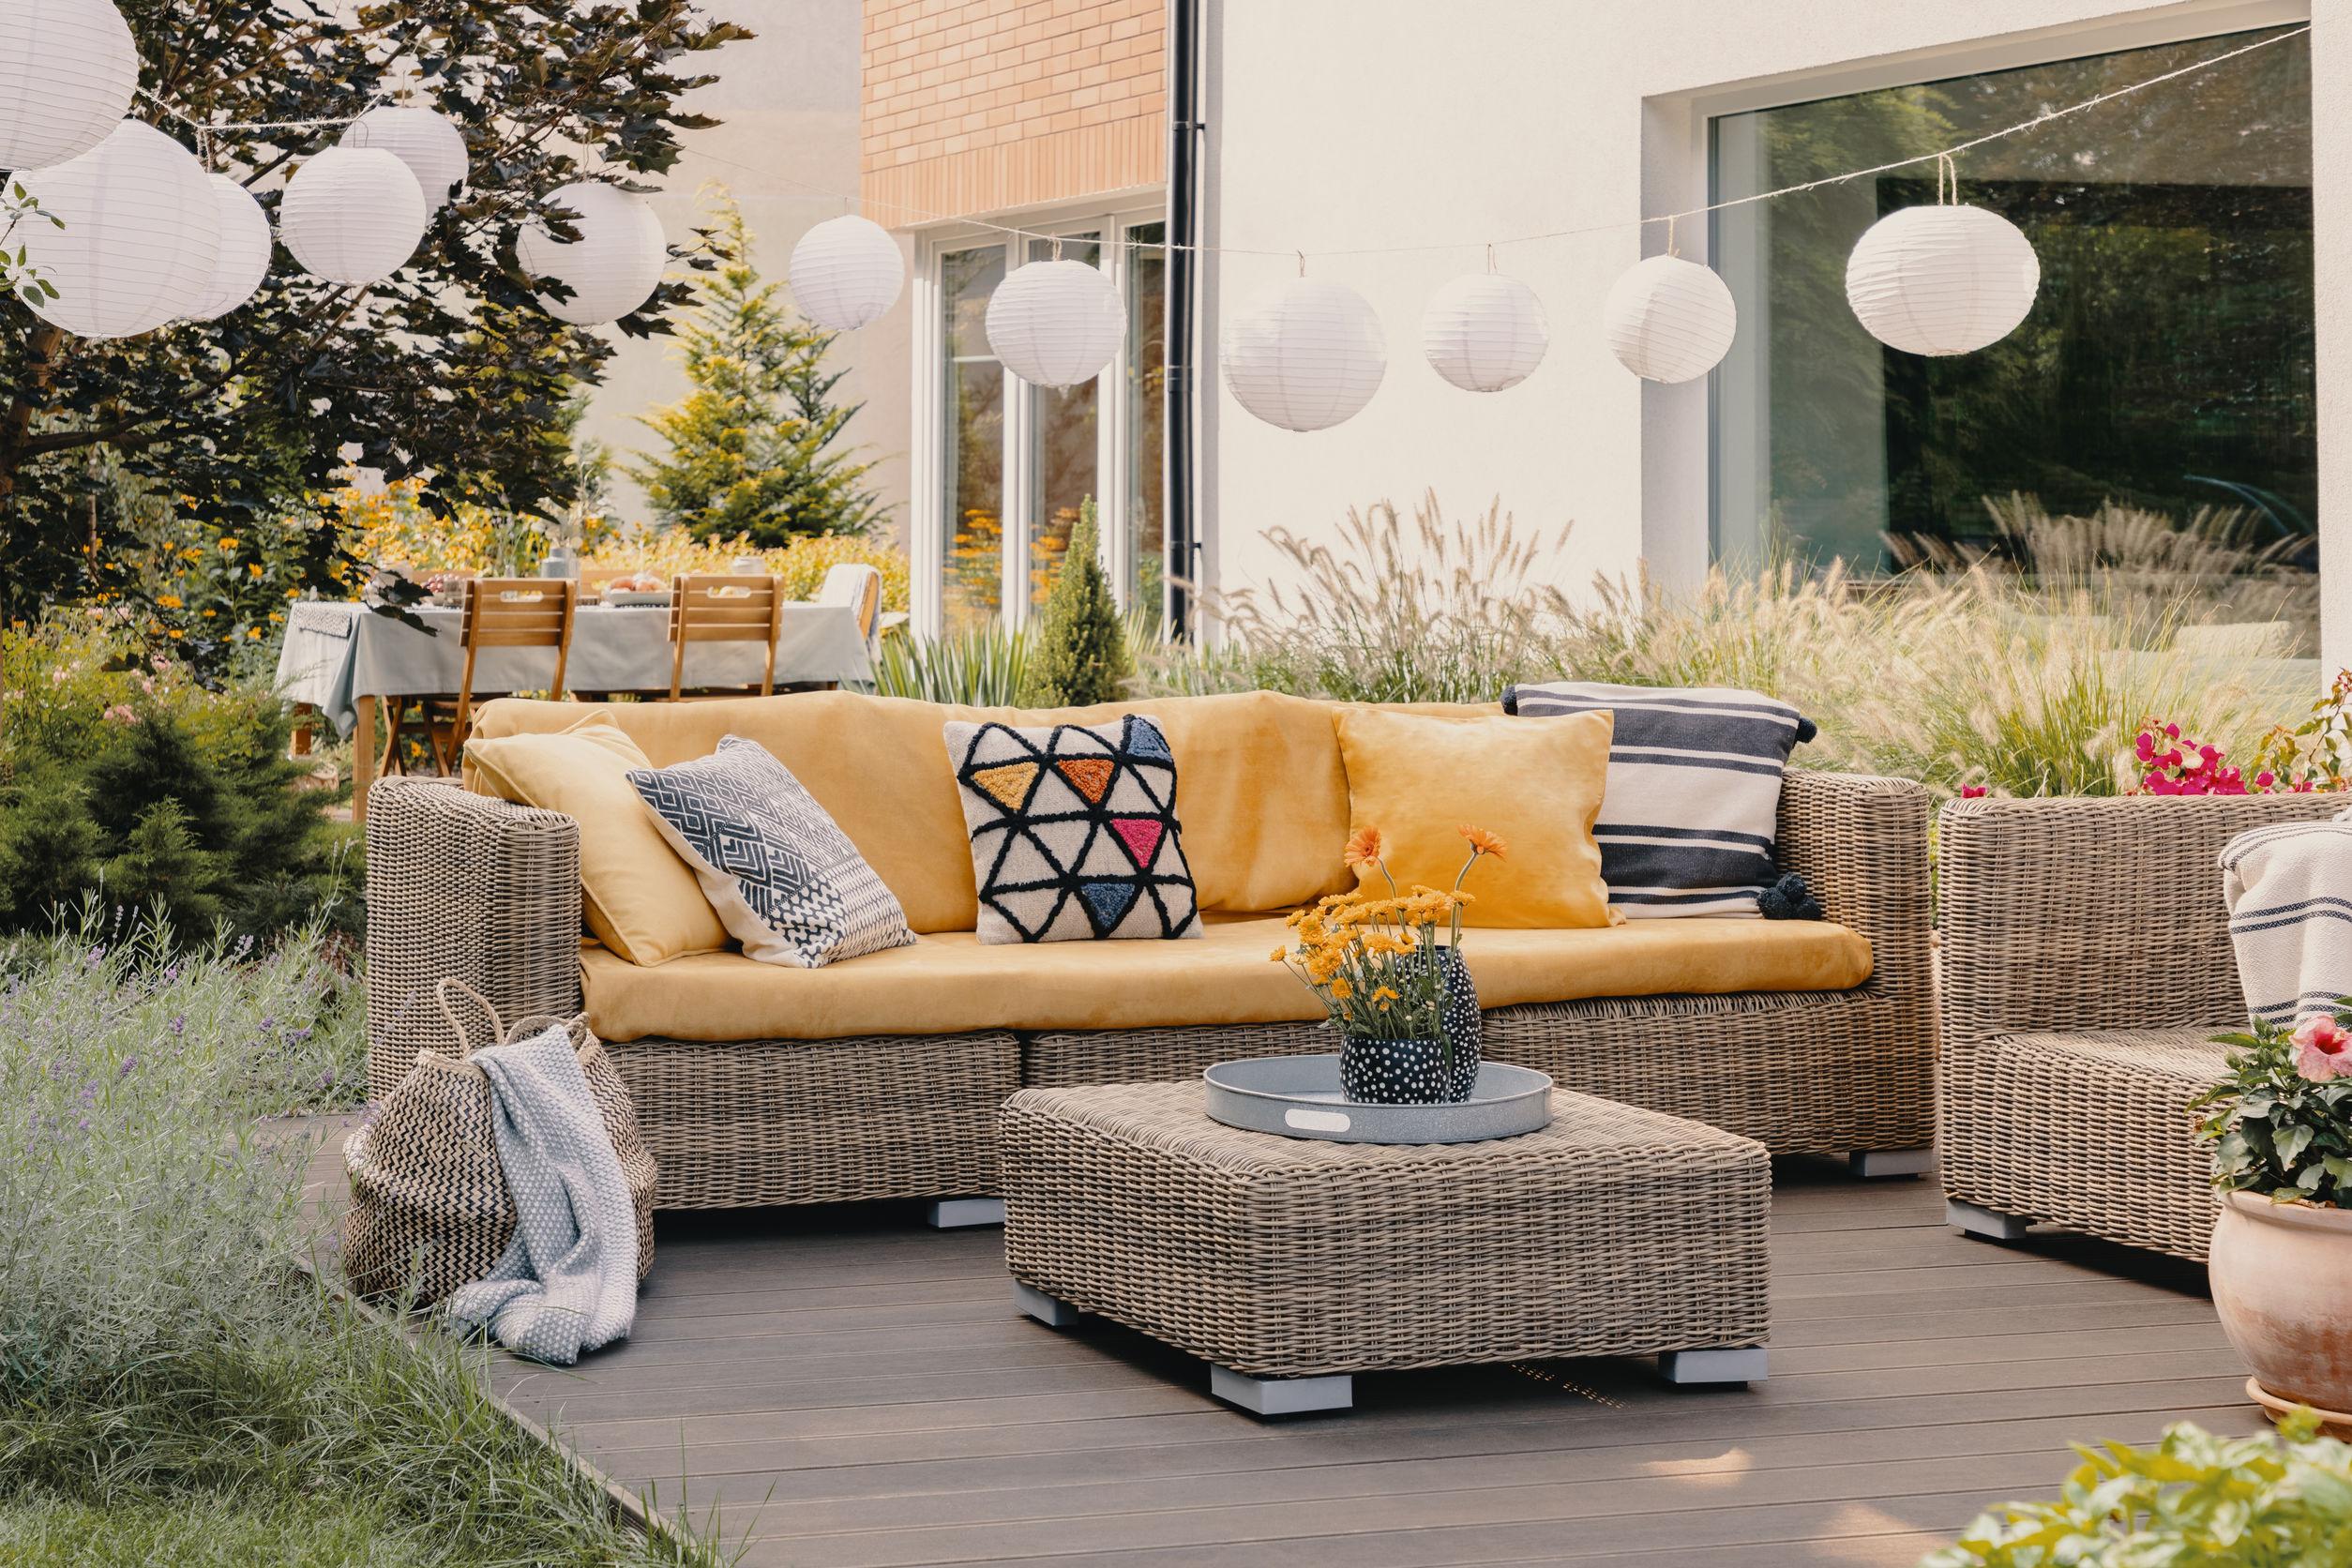 Full Size of Gartensofa Tchibo Komfort 2 In 1 Outdoor Sofa Test Empfehlungen 05 20 Gartenbook Wohnzimmer Gartensofa Tchibo